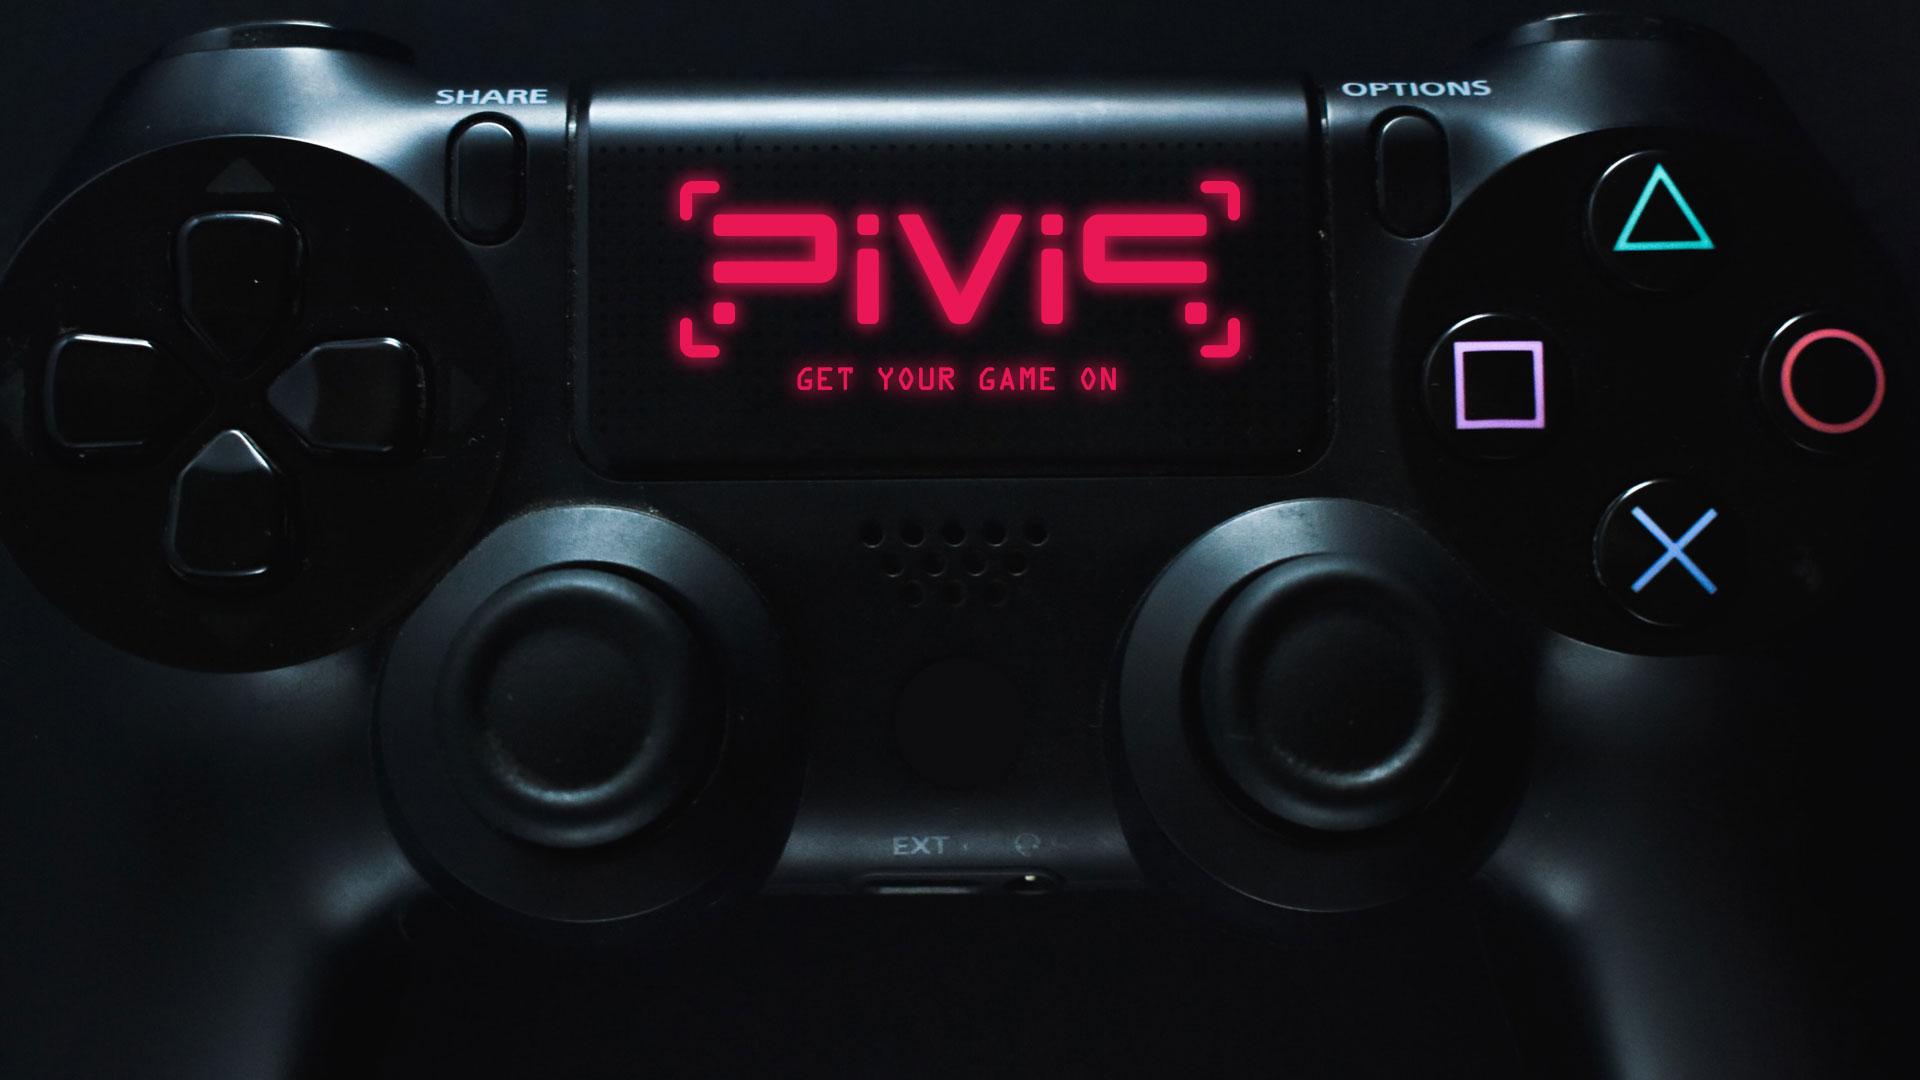 Pivip-01